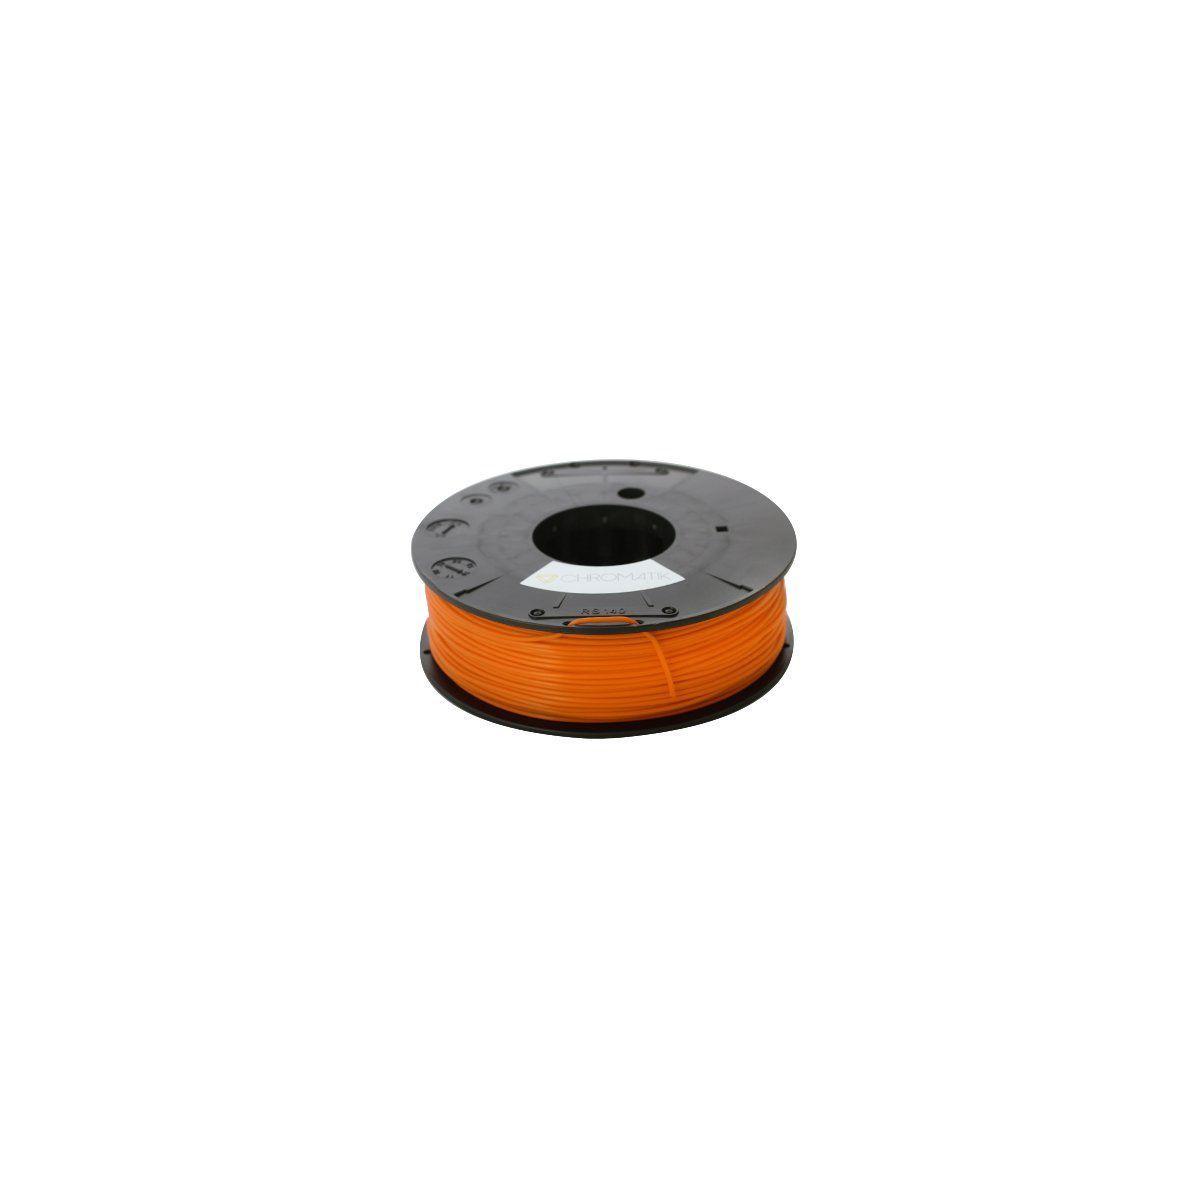 Filament 3d dagoma filament pla chromatik 250g orange - 2% de remise imm�diate avec le c